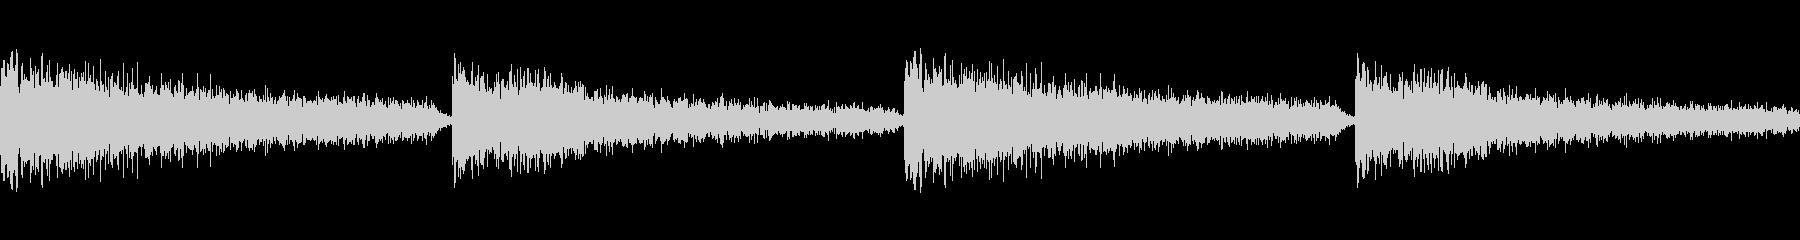 ミステリアス 衝撃の瞬間 ループの未再生の波形